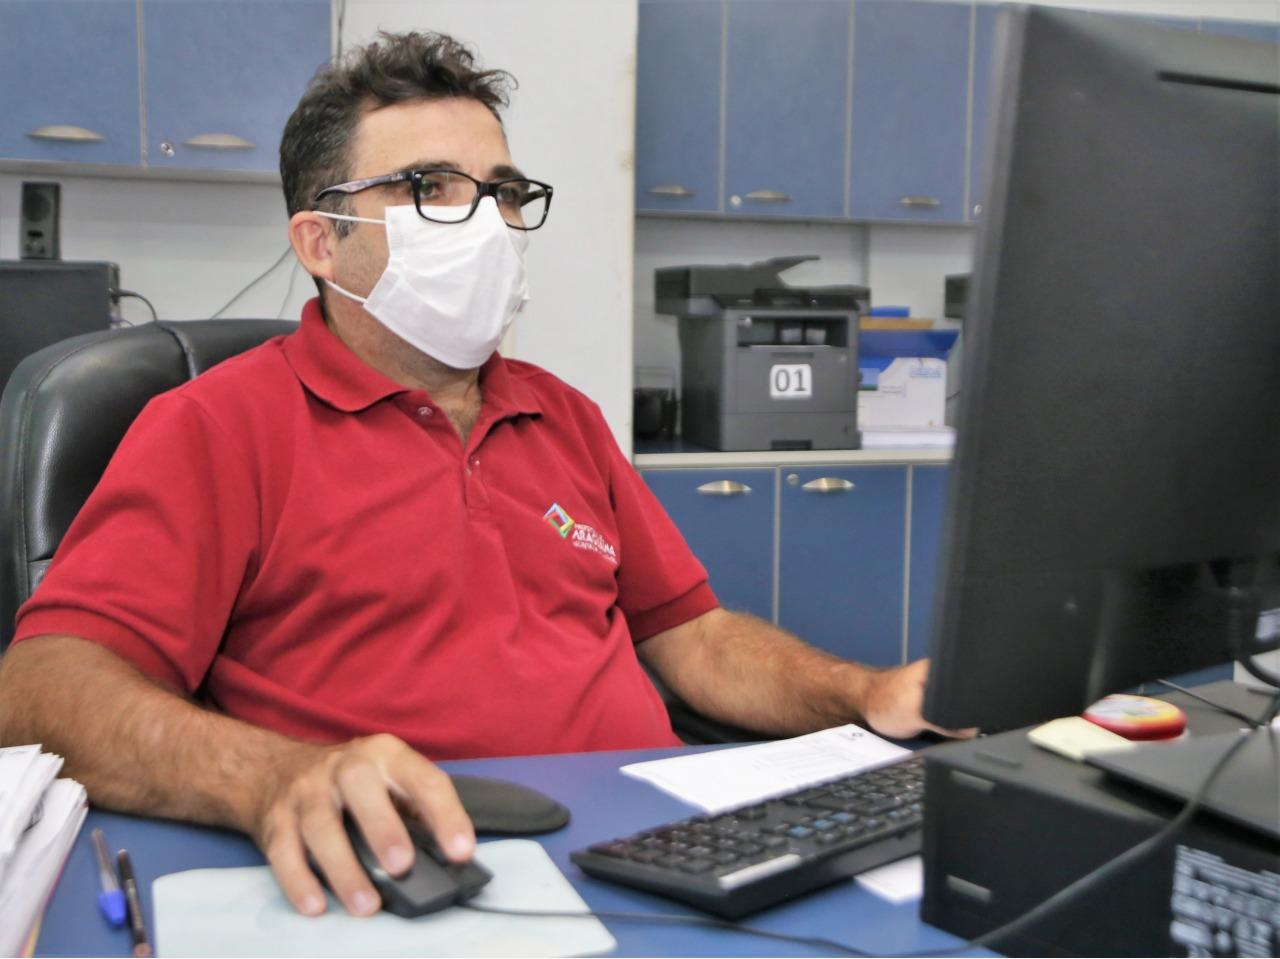 Prefeitura de Araguaína disponibiliza serviços on-line ou por telefone nas secretarias